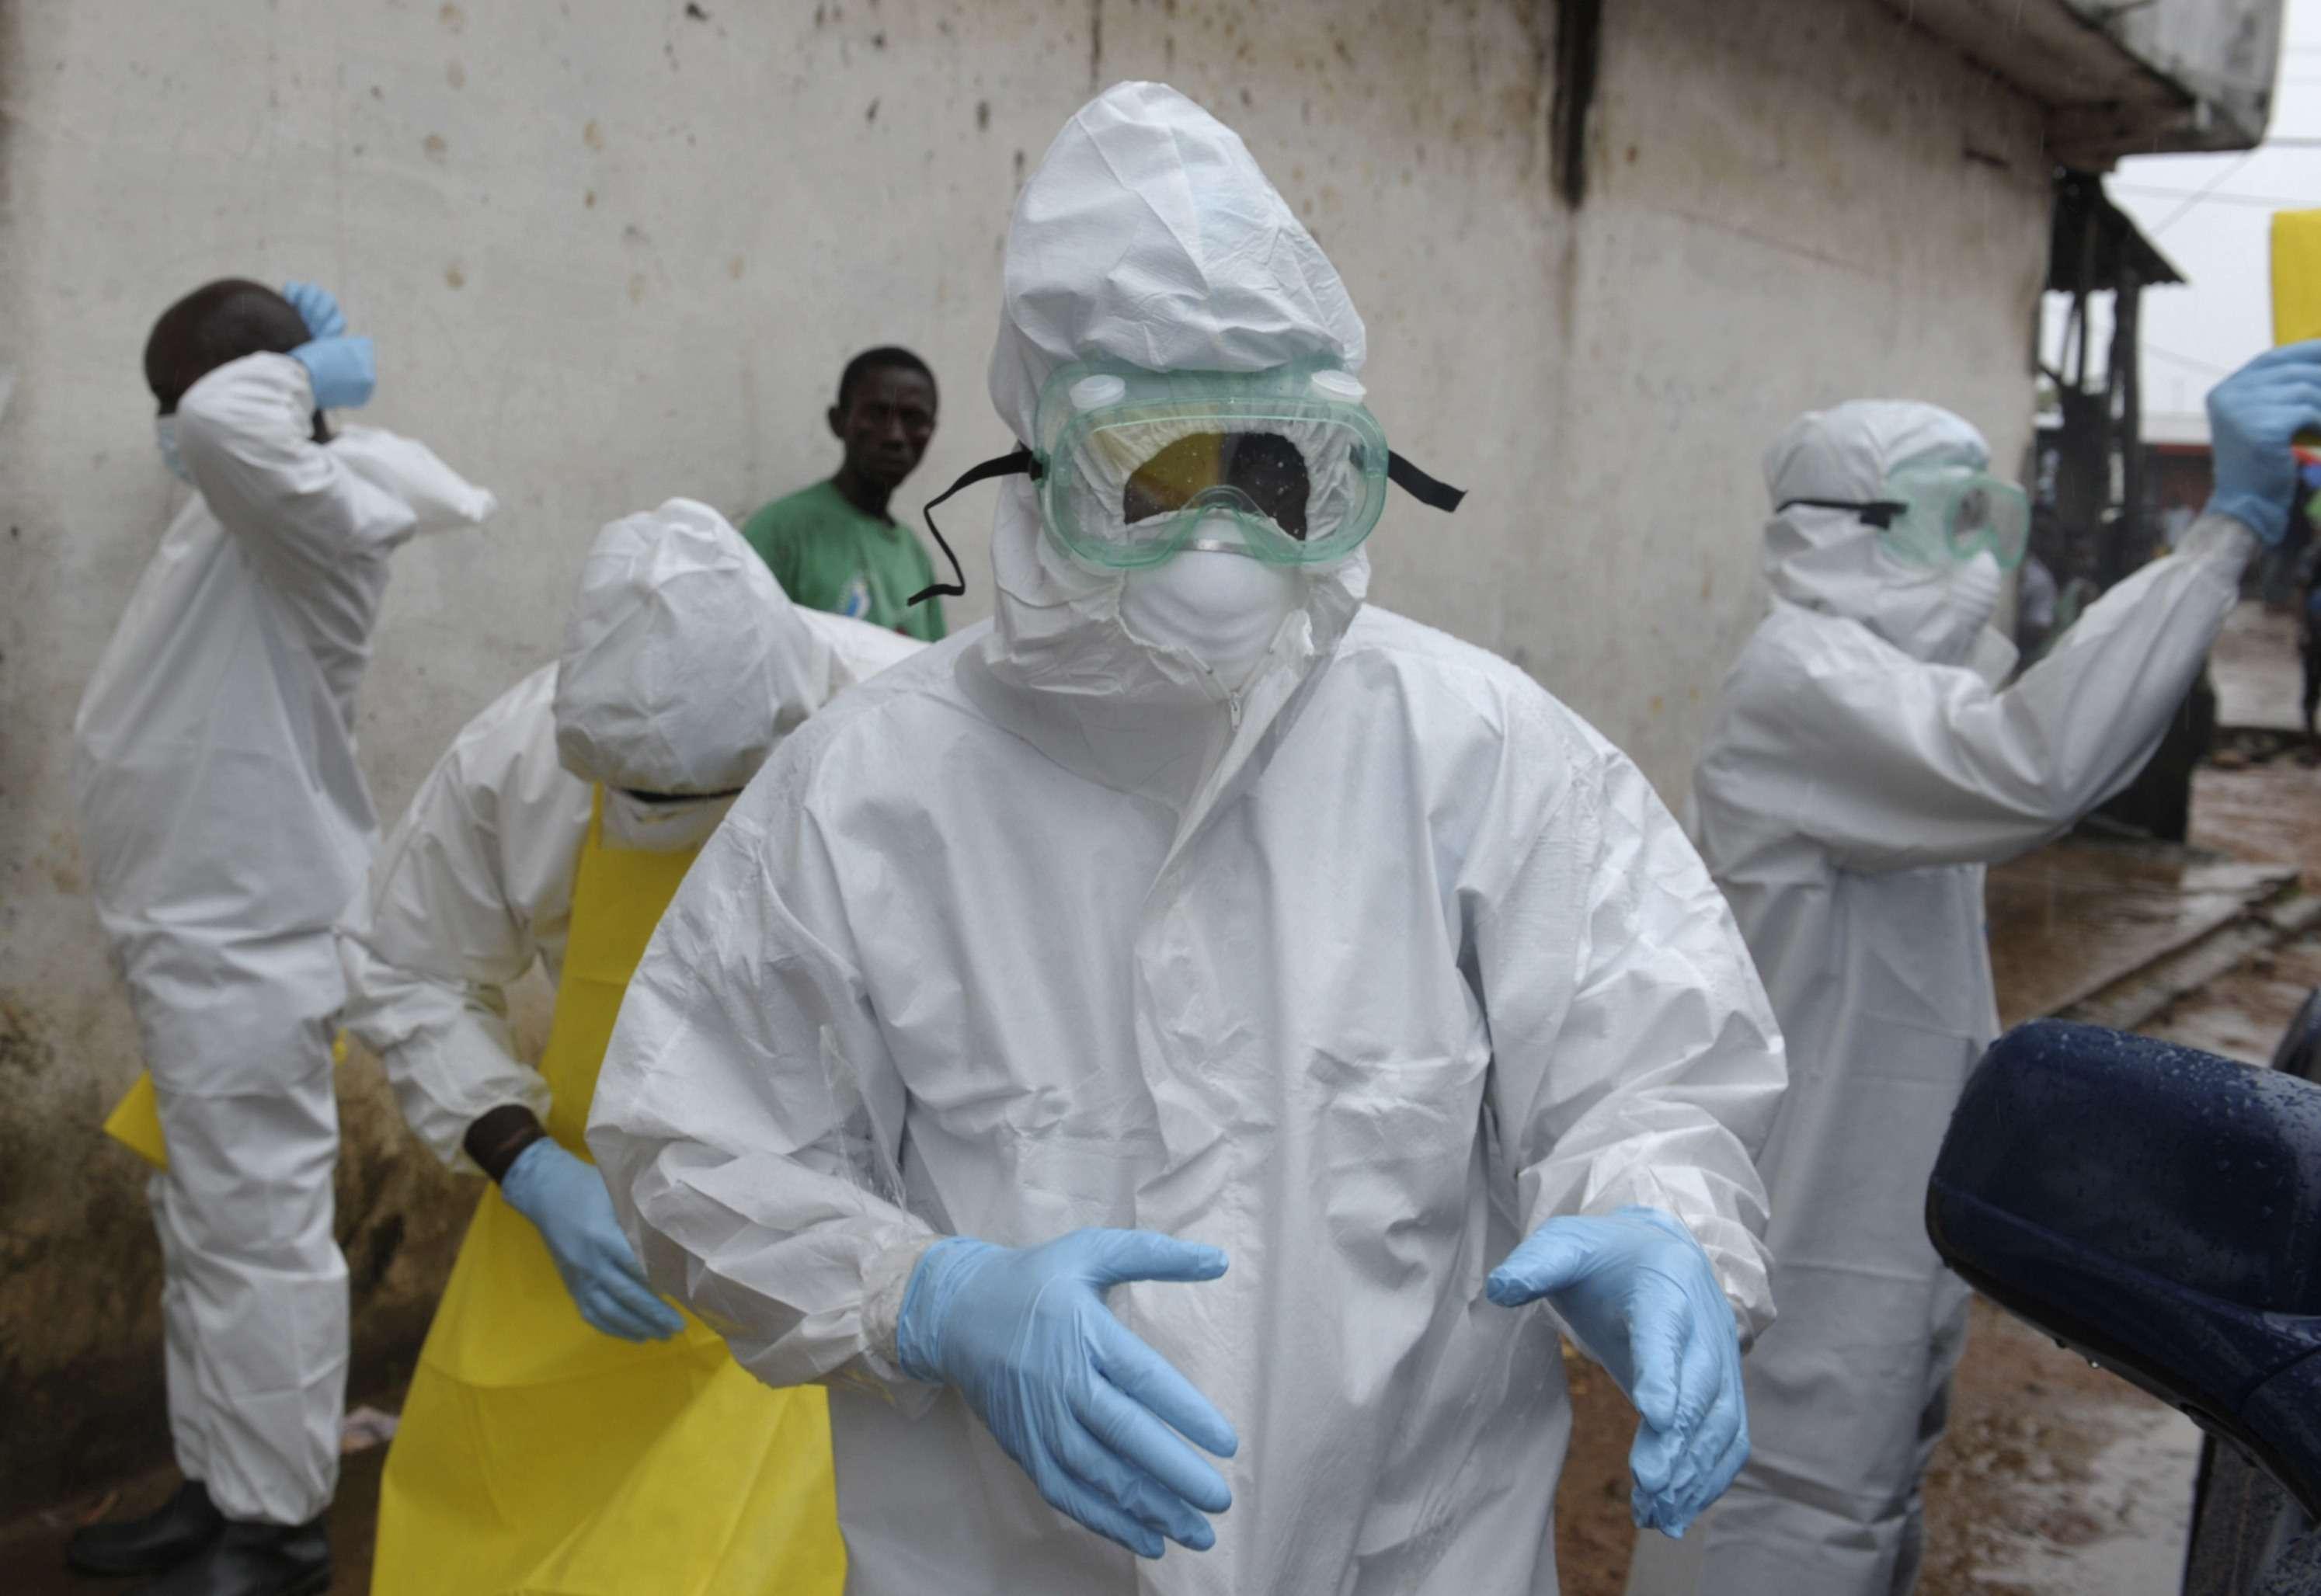 Los trabajadores sanitarios son uno de los grupos de mayor riesgo. en la foto, trabajadores en Monrobia, Liberia, el 17 de agosto de 2014. Foto: Reuters en español